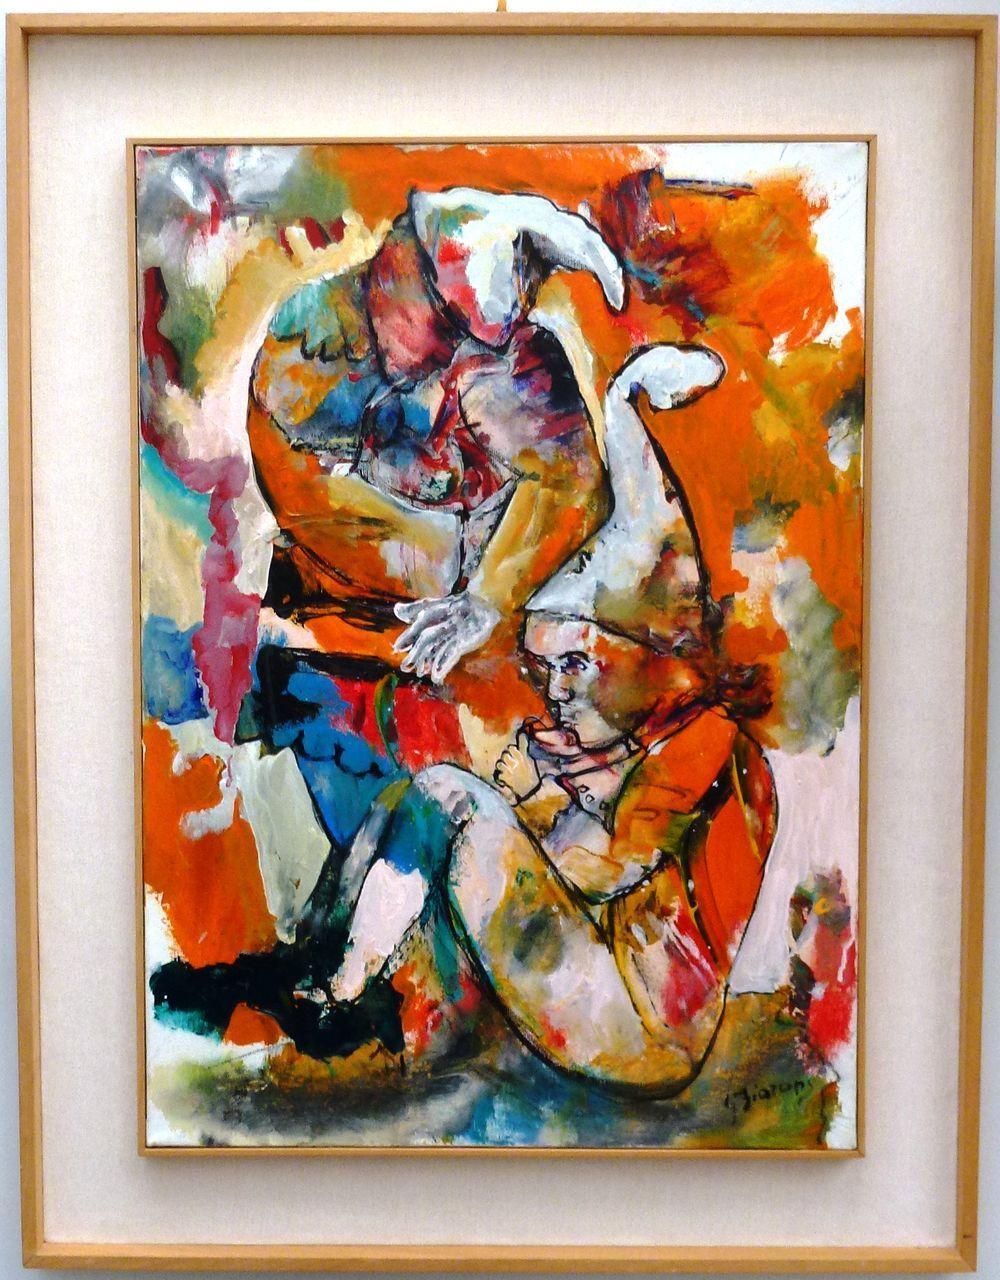 Giuseppe Fioroni (born 1938) * Homage to Fellini *